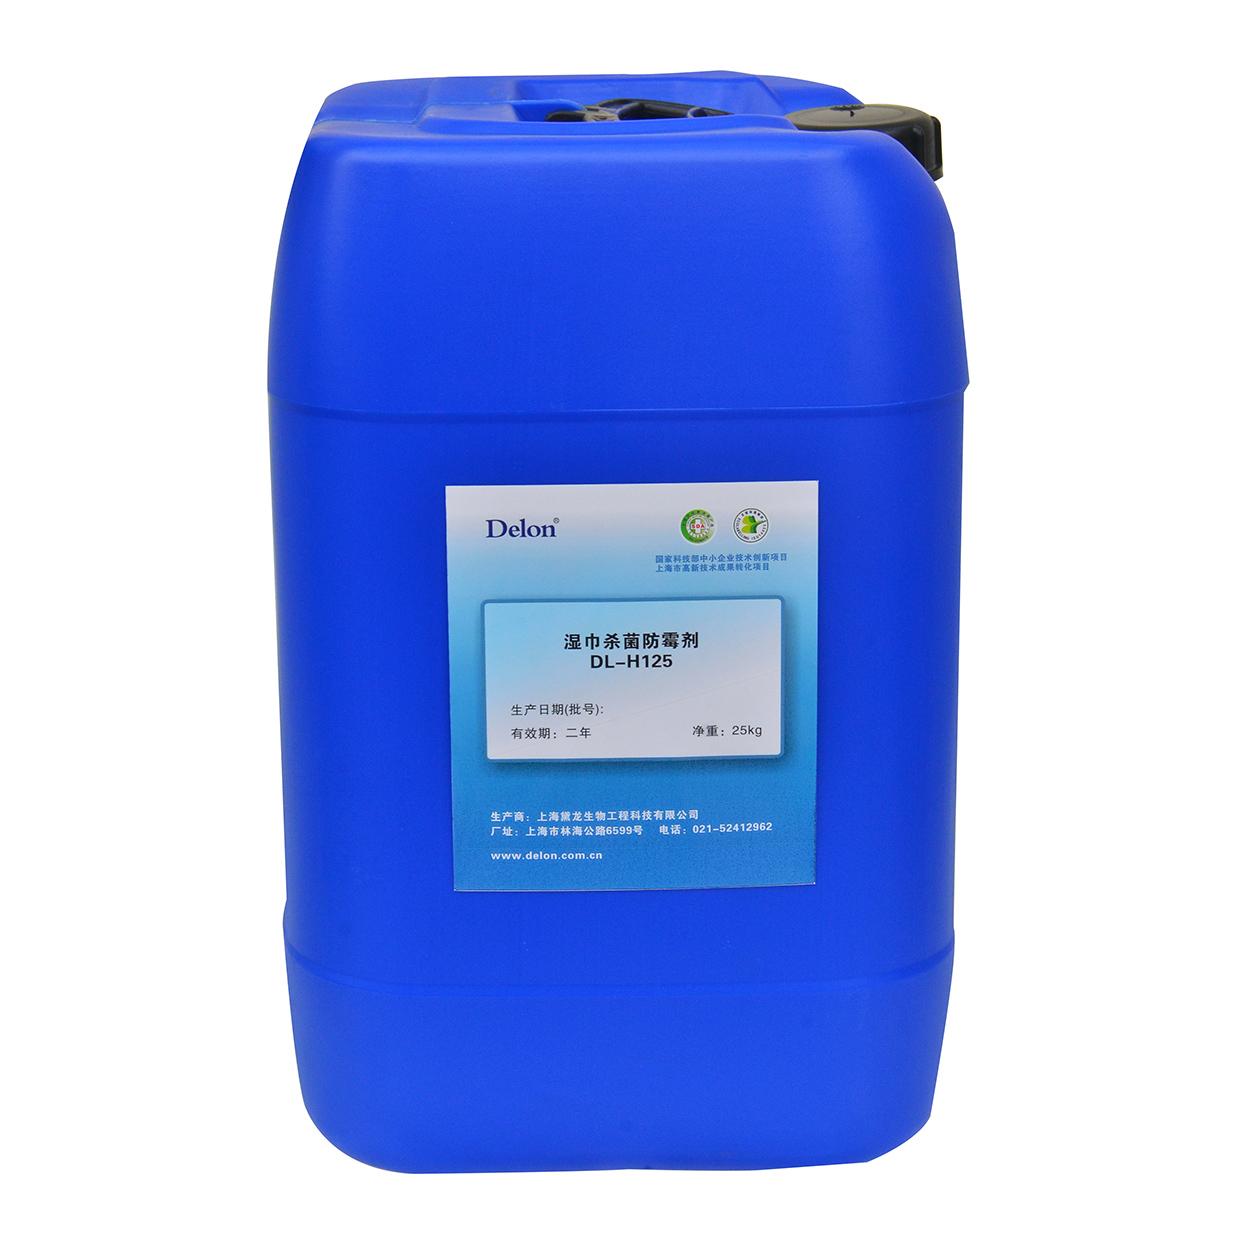 湿巾杀菌防霉剂(DL-H125)